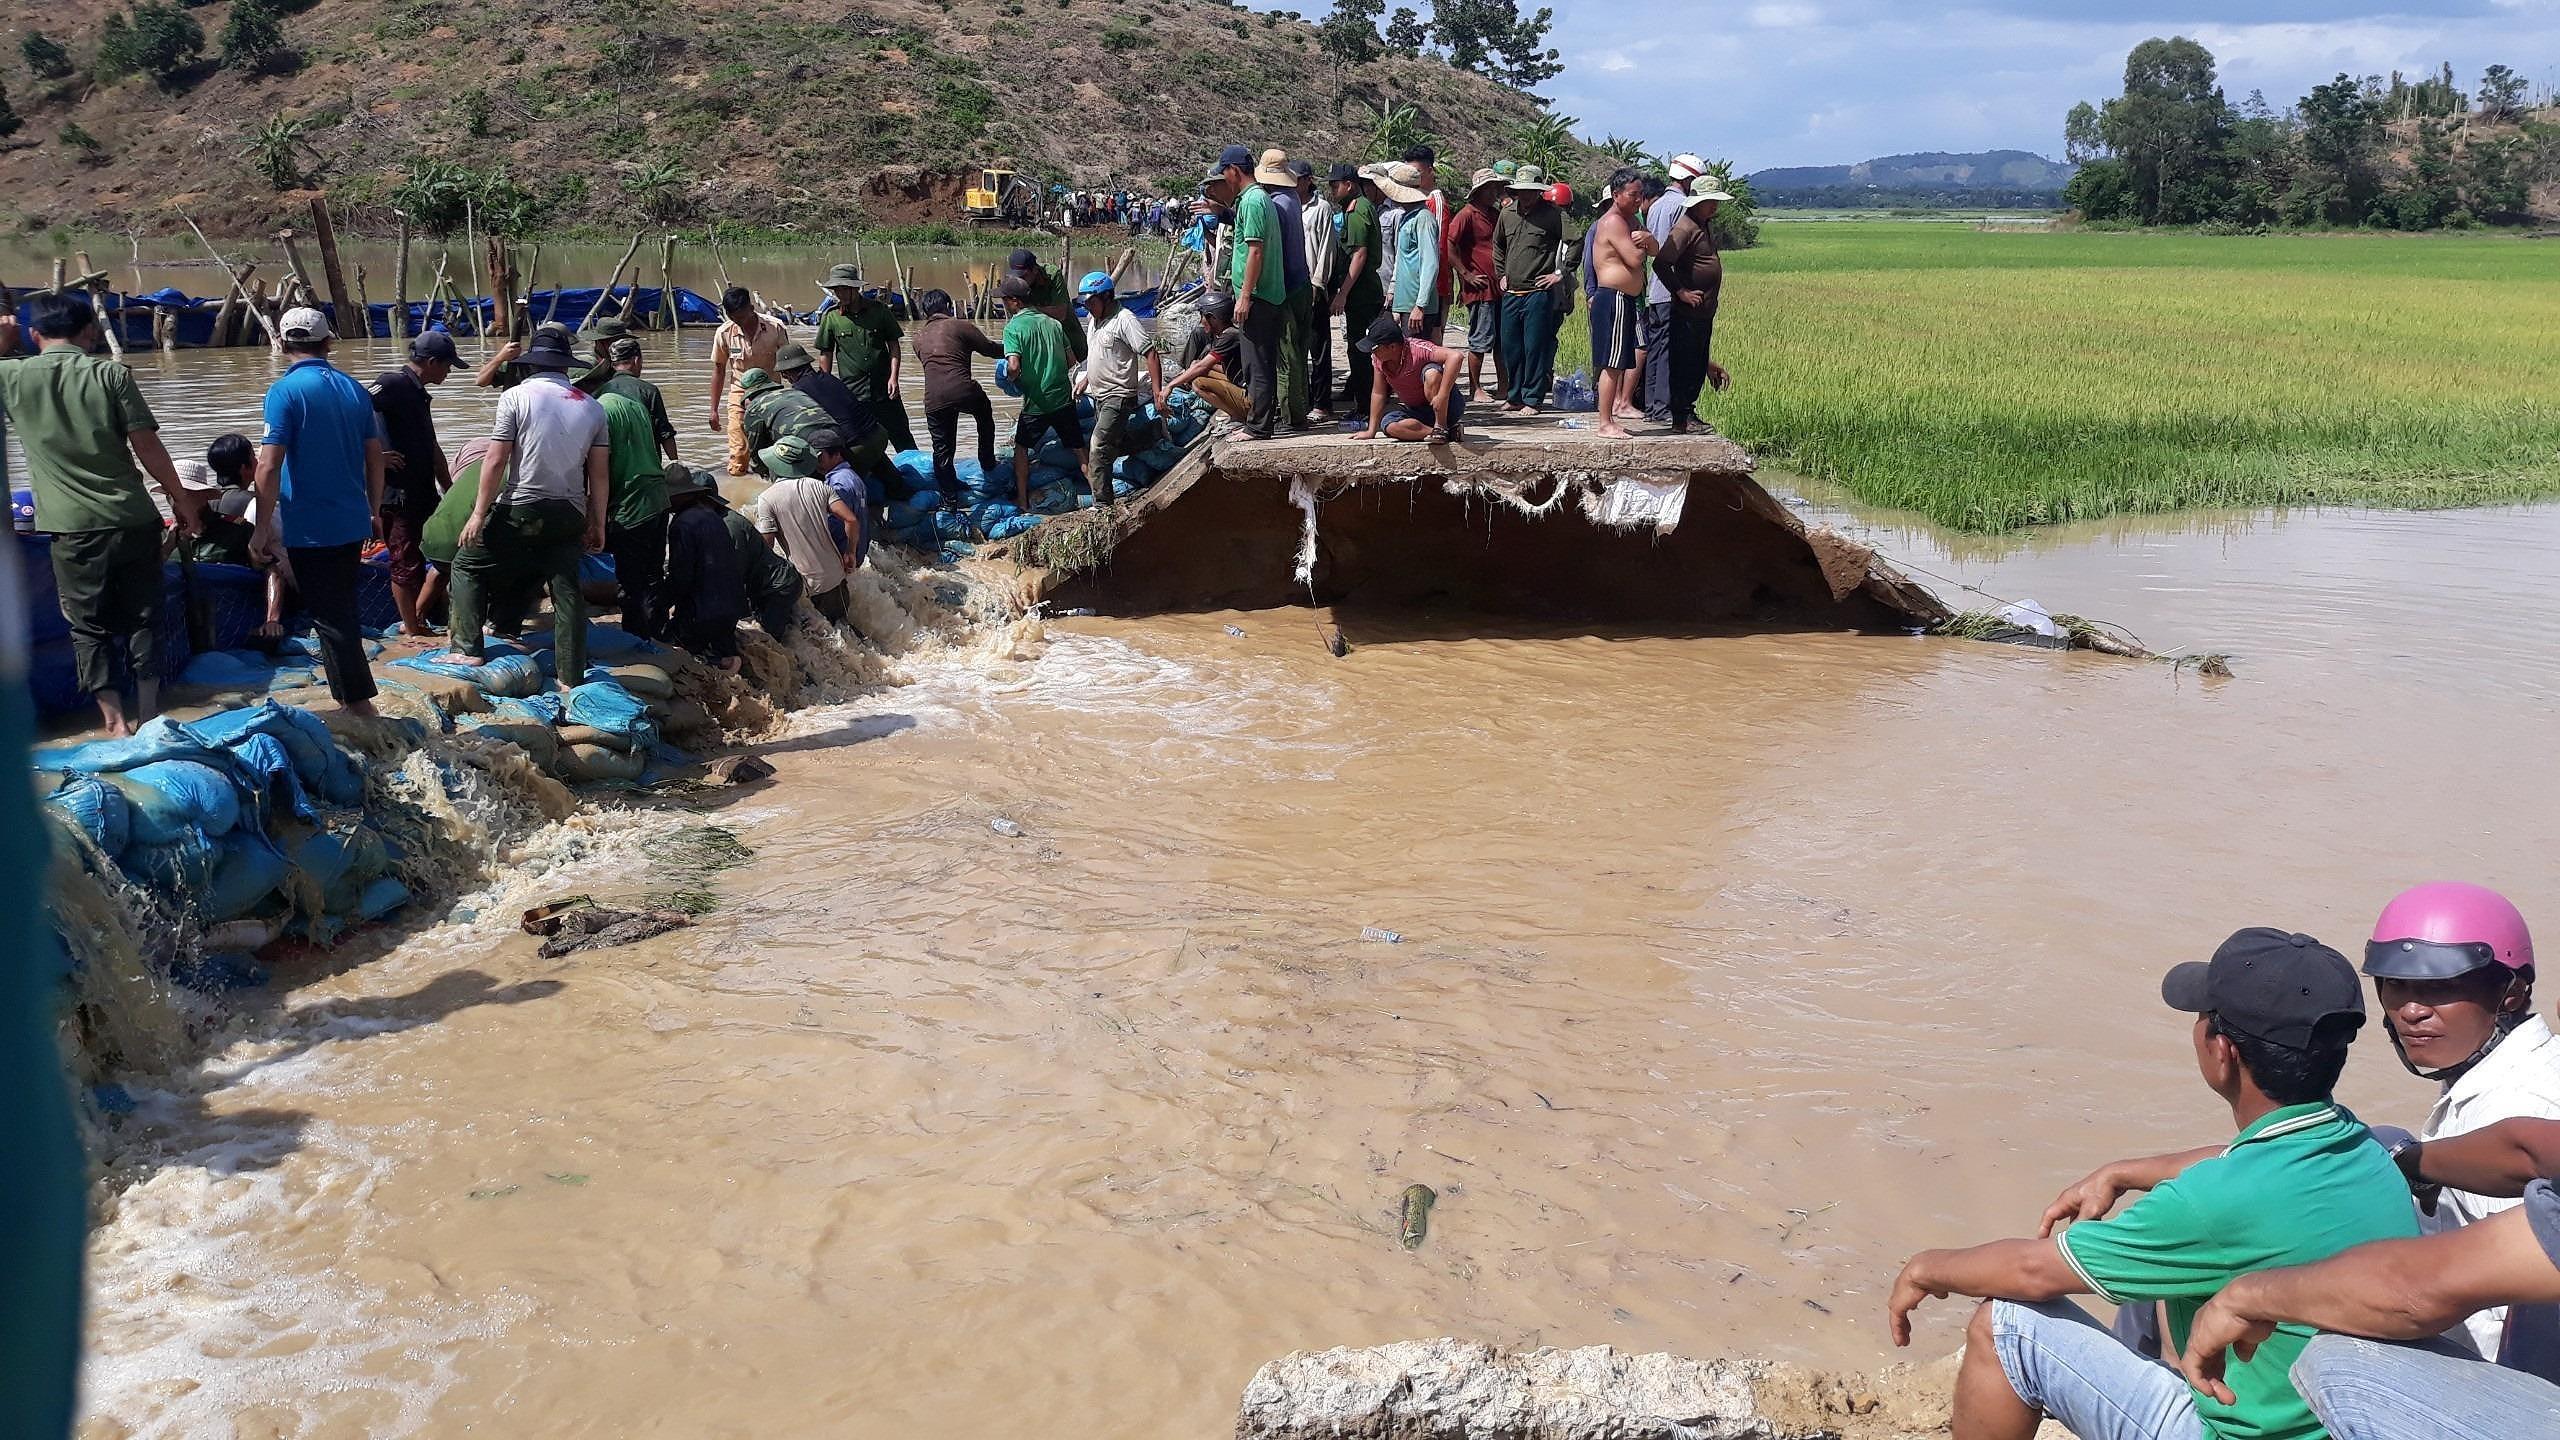 Vỡ đê, hàng trăm người dân trầm mình cứu đồng lúa Ảnh 5